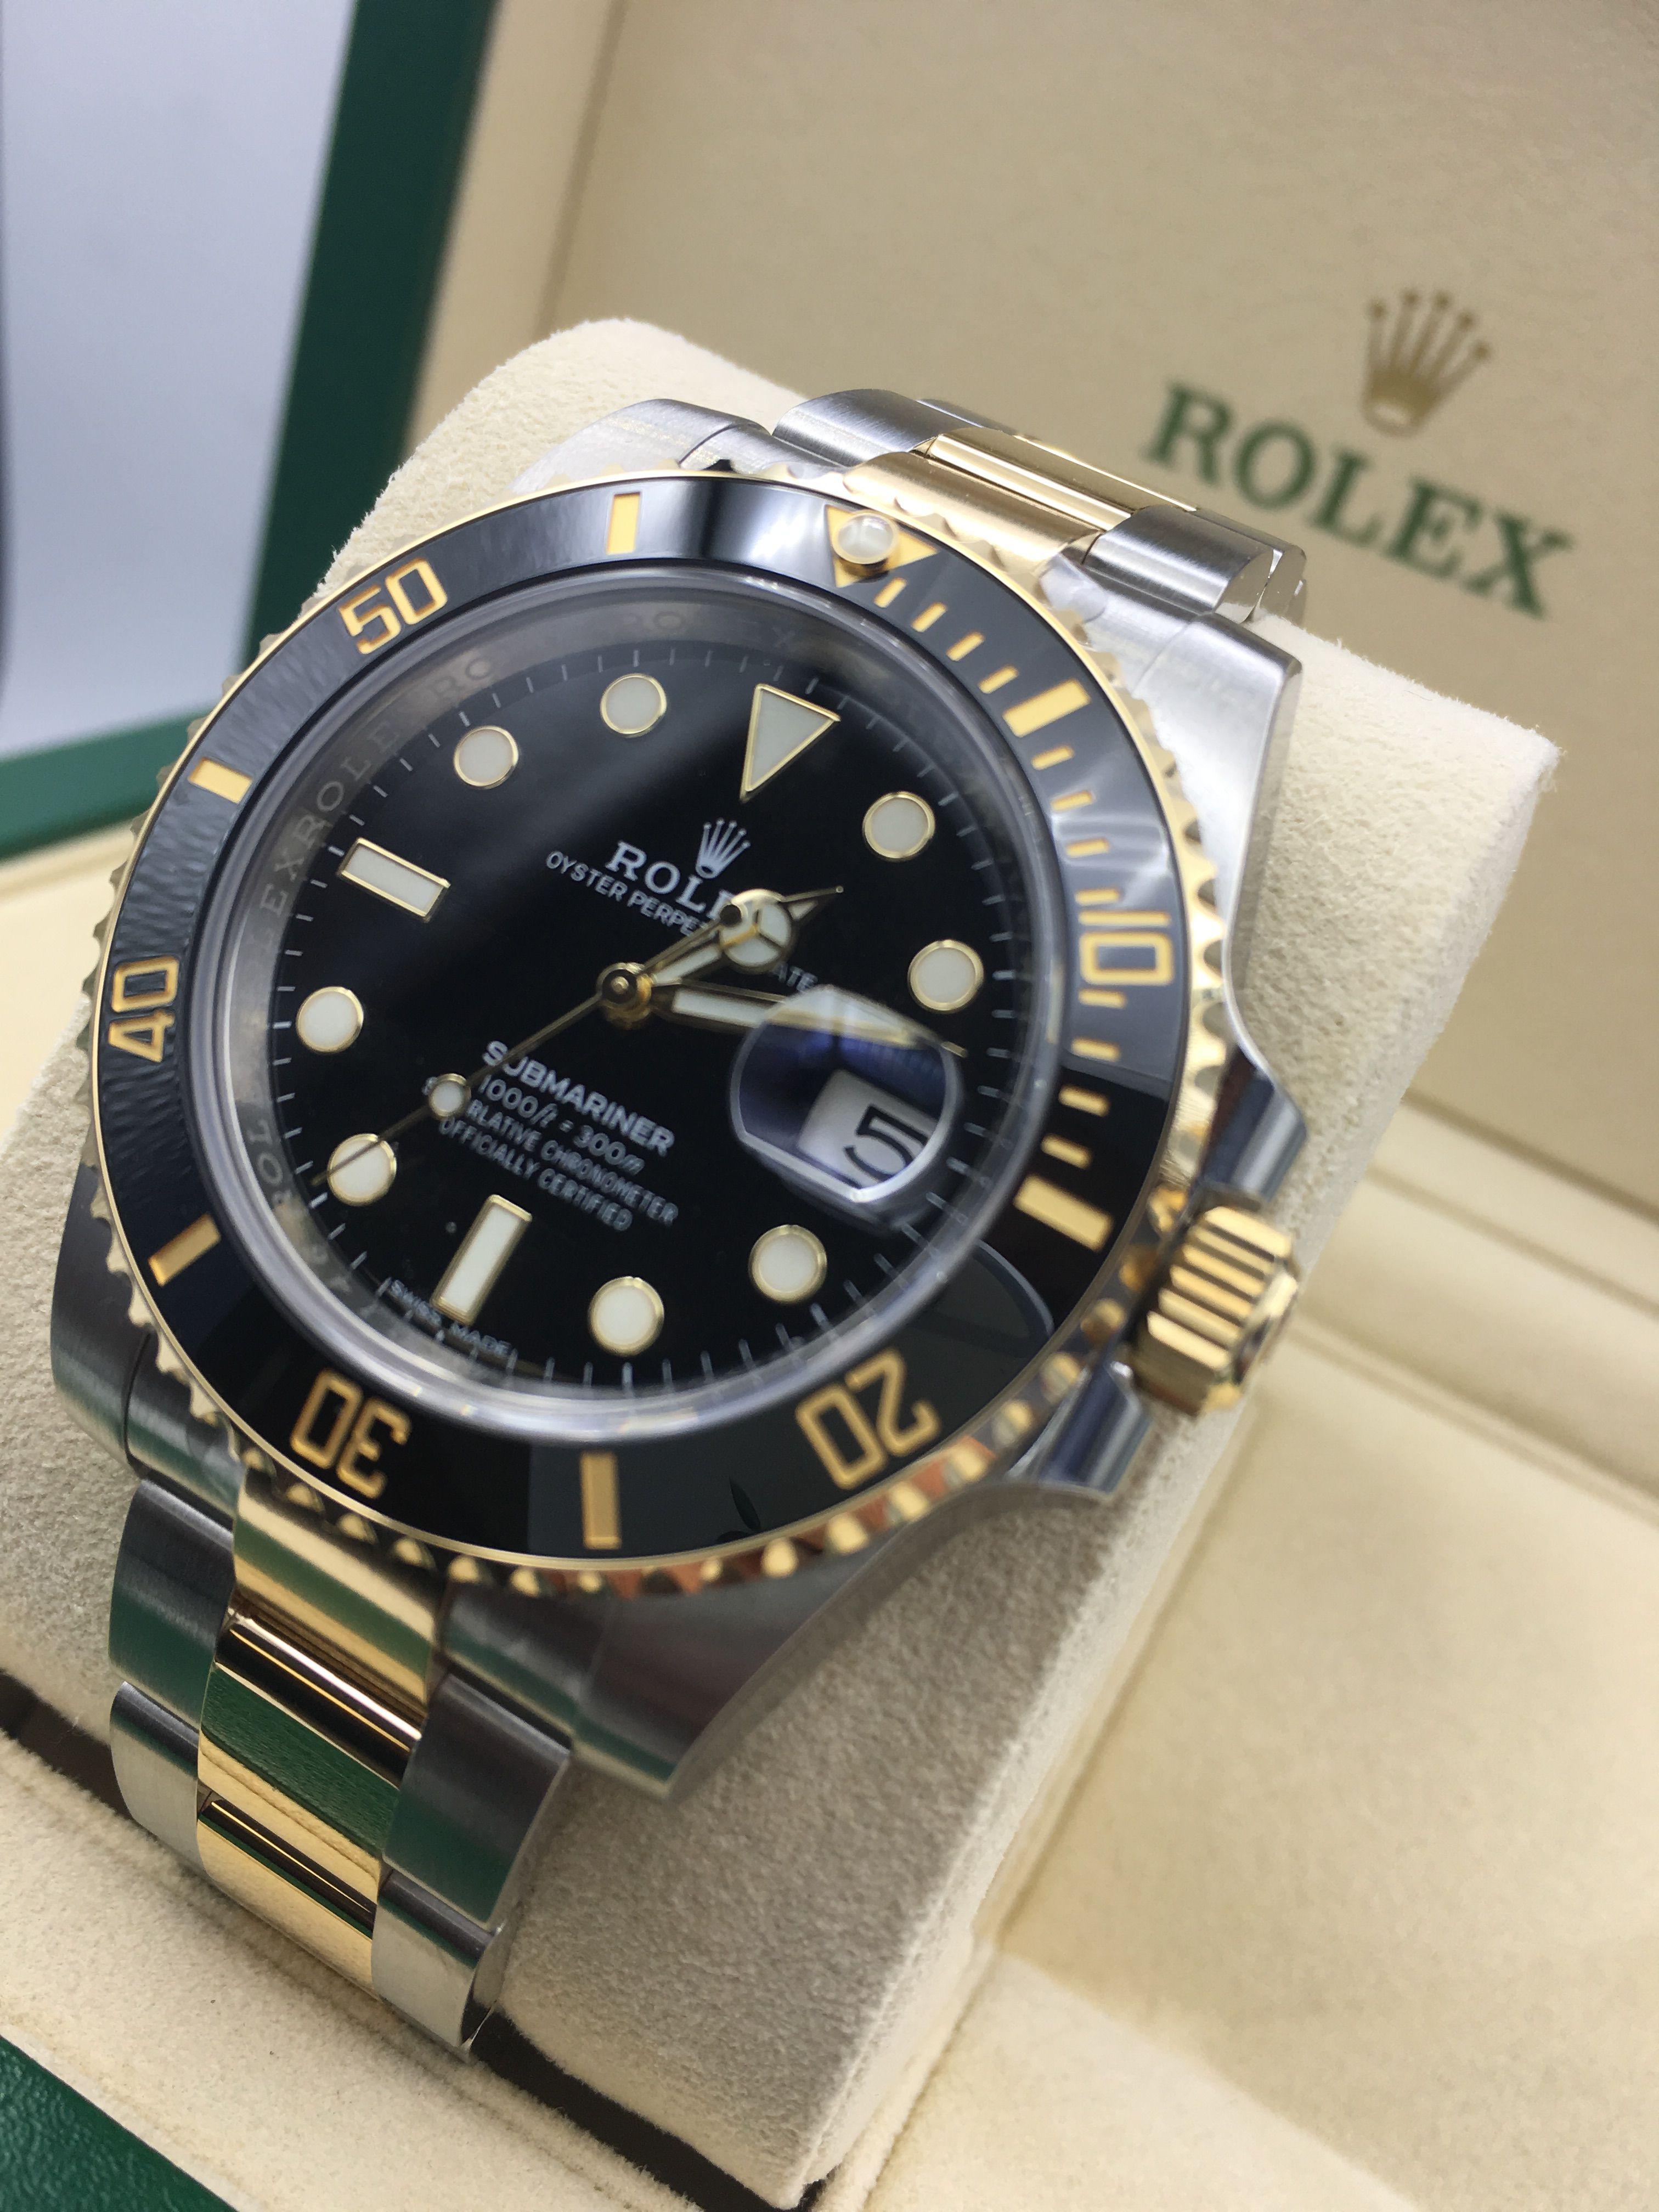 Rolex Submariner Steel Gold Black 116613ln Rolex Submariner Rolex Luxury Watches For Men